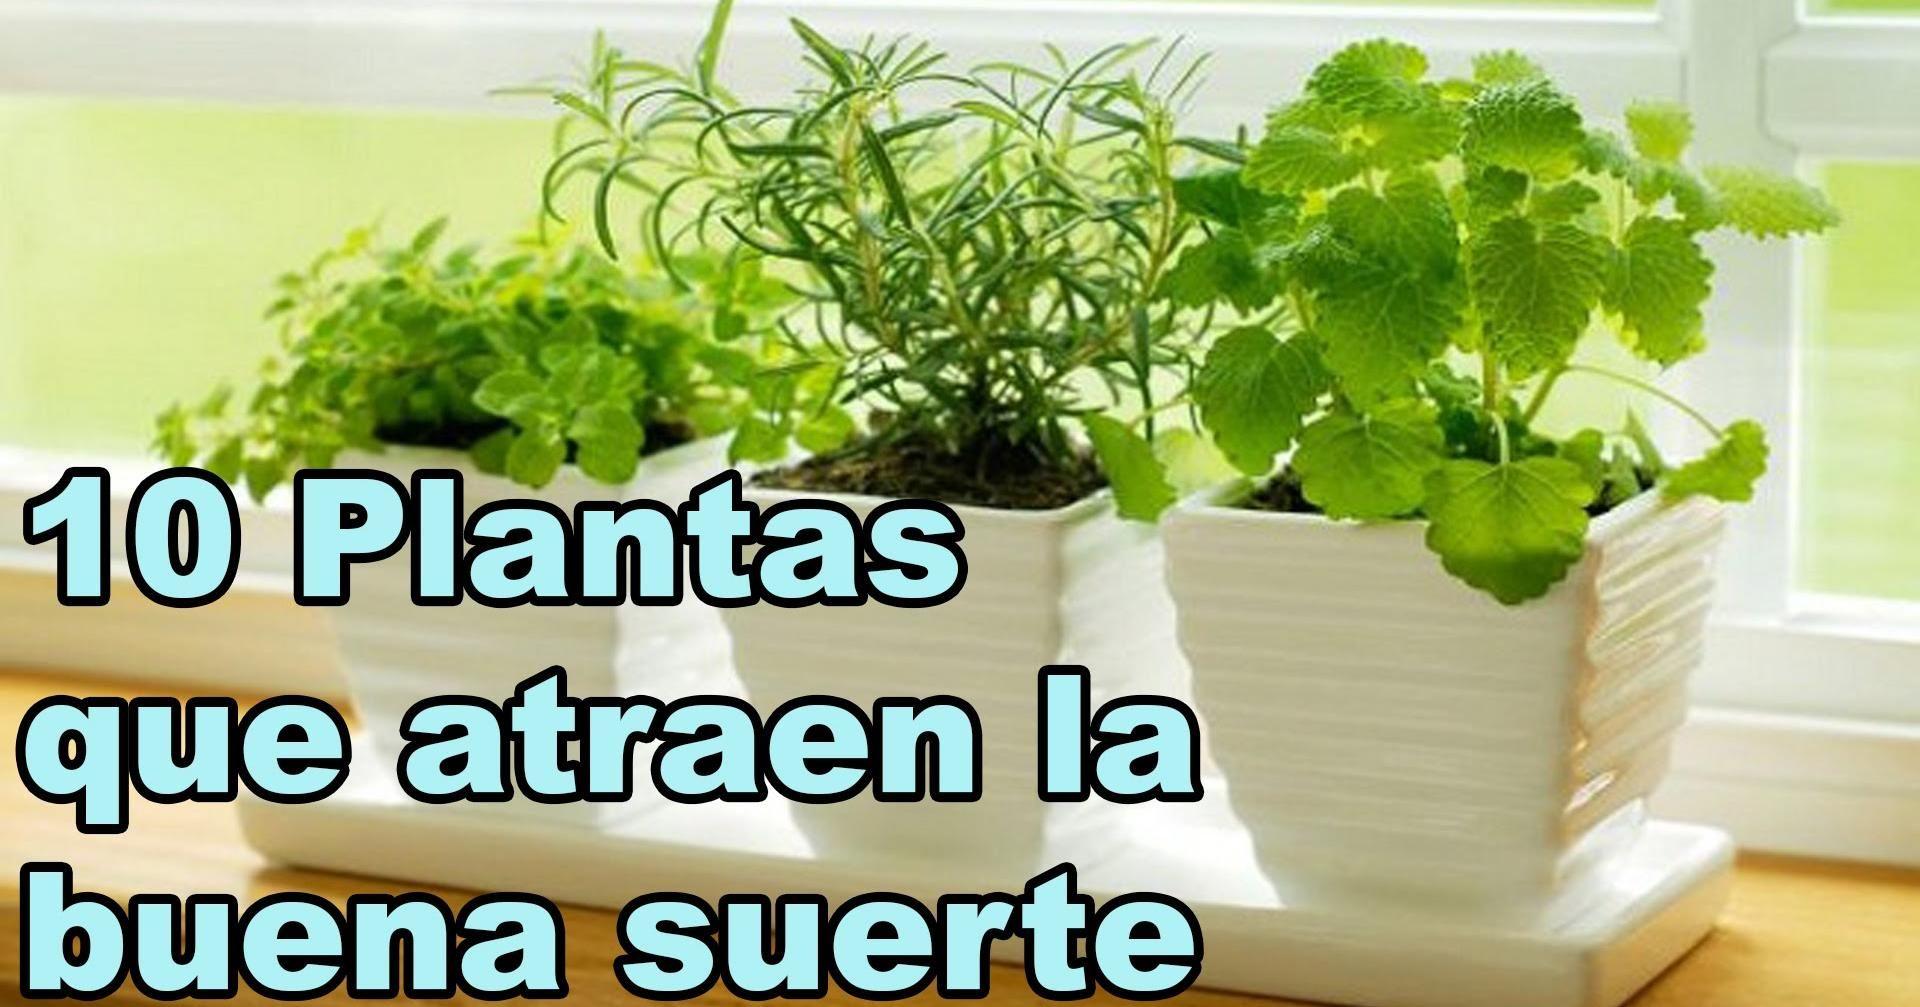 Criadero Kinbi Nos Muestra El Top 10 De Las Plantas Que Atraen La Buena Suerte Y Llenan Los Hogares De Paz Y Plantas De Buena Suerte Cuidado De Plantas Plantas